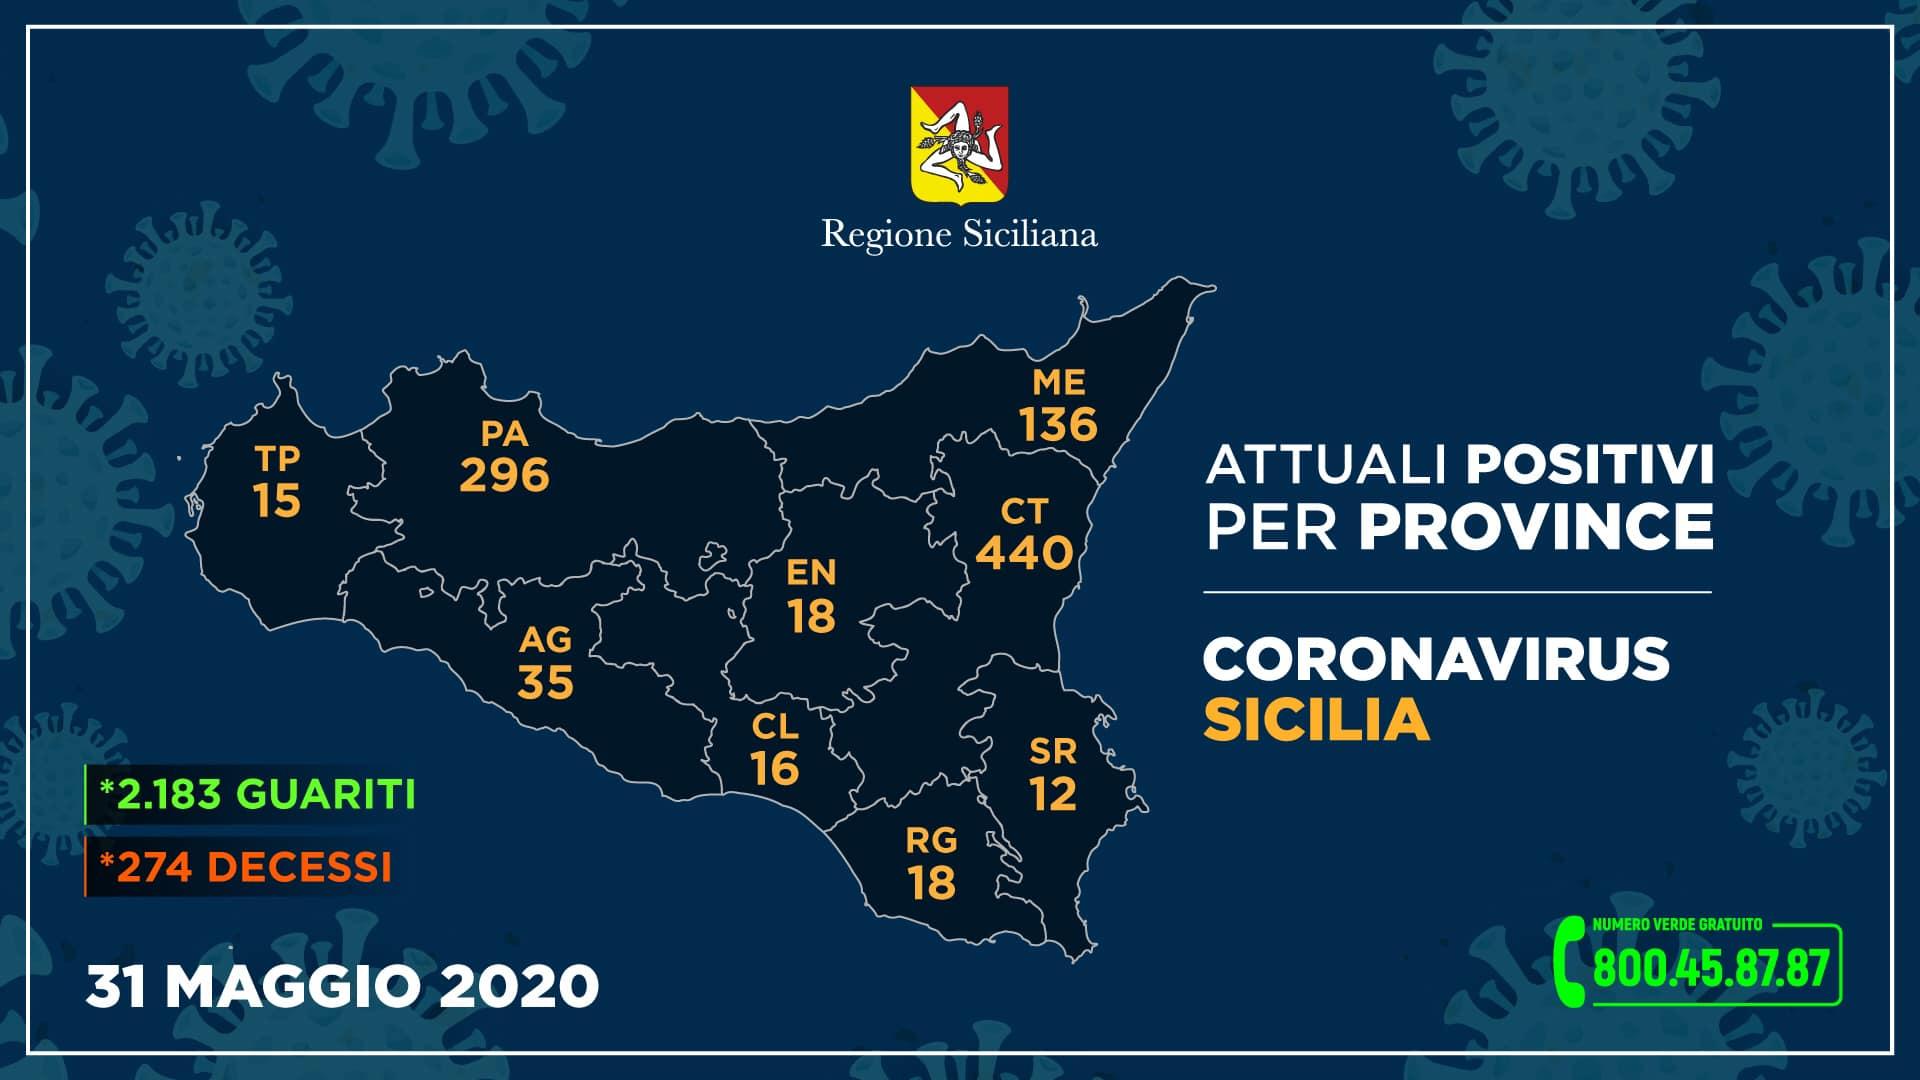 Positivi in Sicilia, la situazione provincia per provincia: i DATI aggiornati